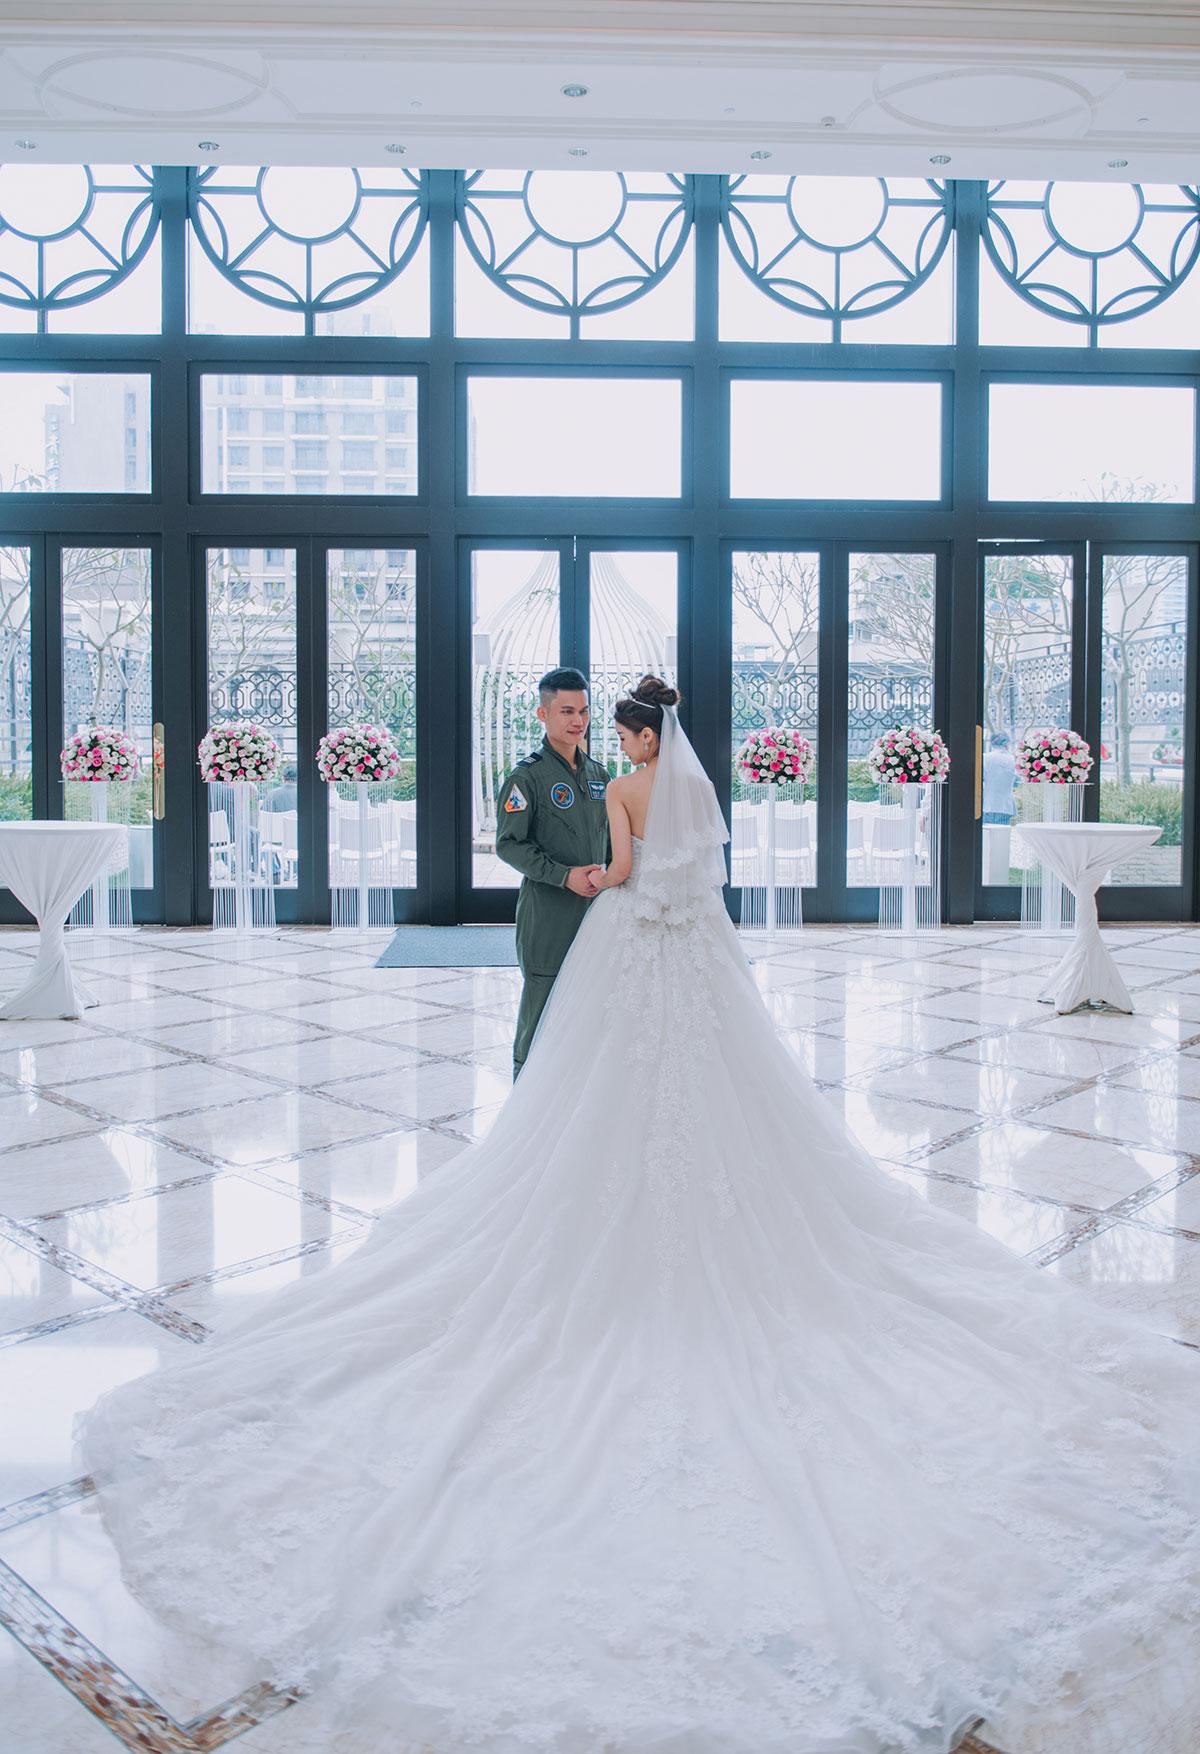 台中林酒店 婚禮 - 宴客 拖尾 白紗